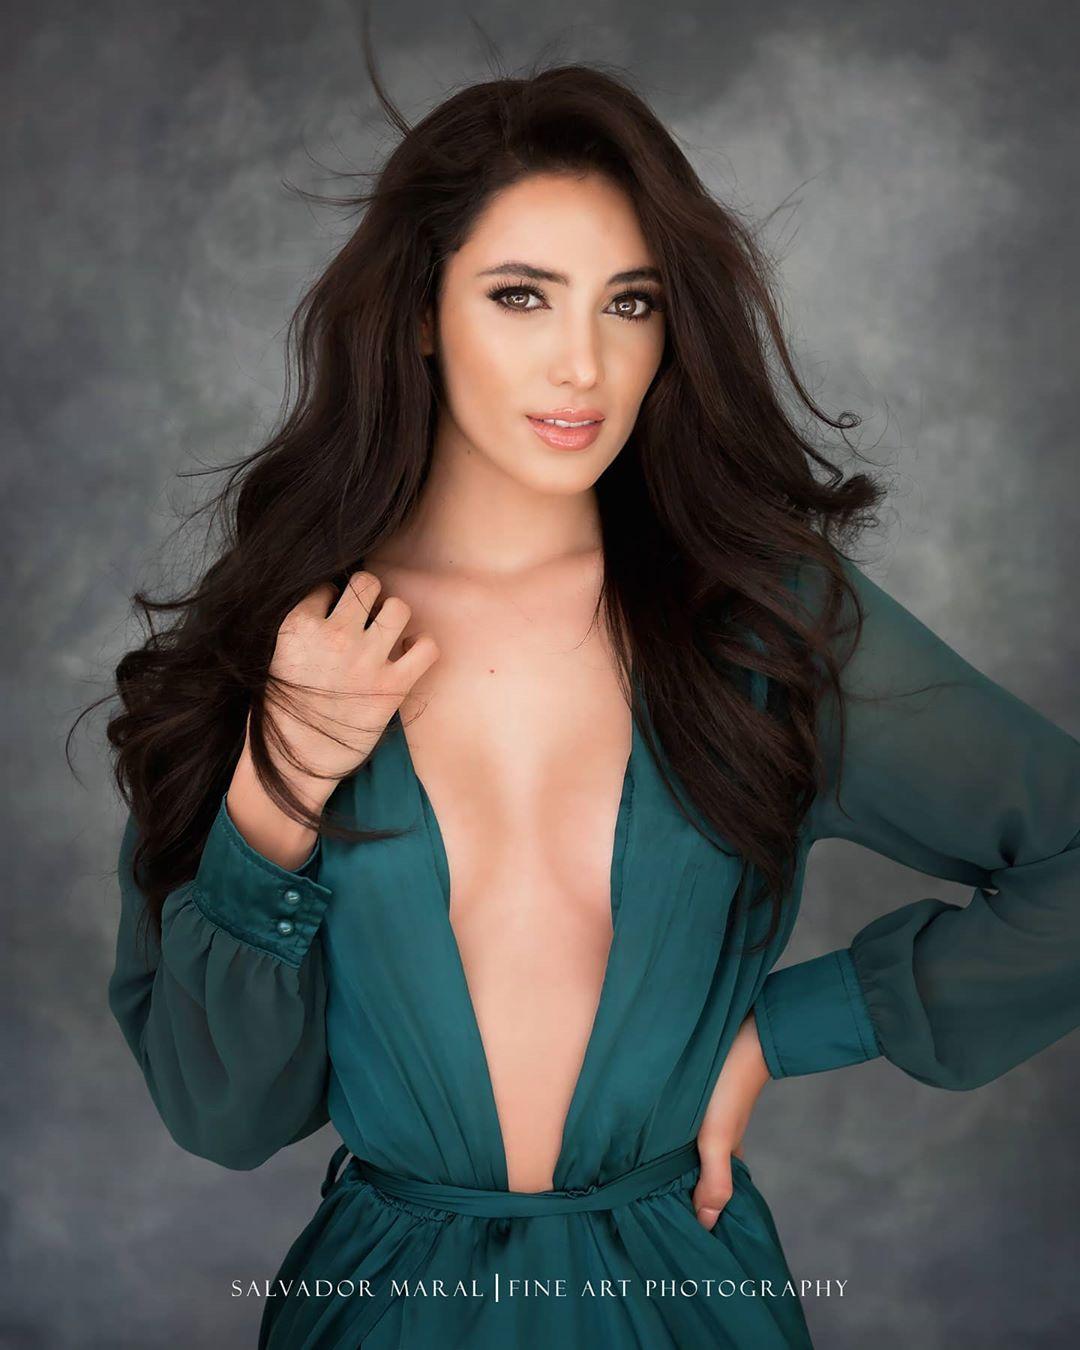 karolina vidales, candidata a miss mexico 2020, representando michoacan. - Página 2 87577510